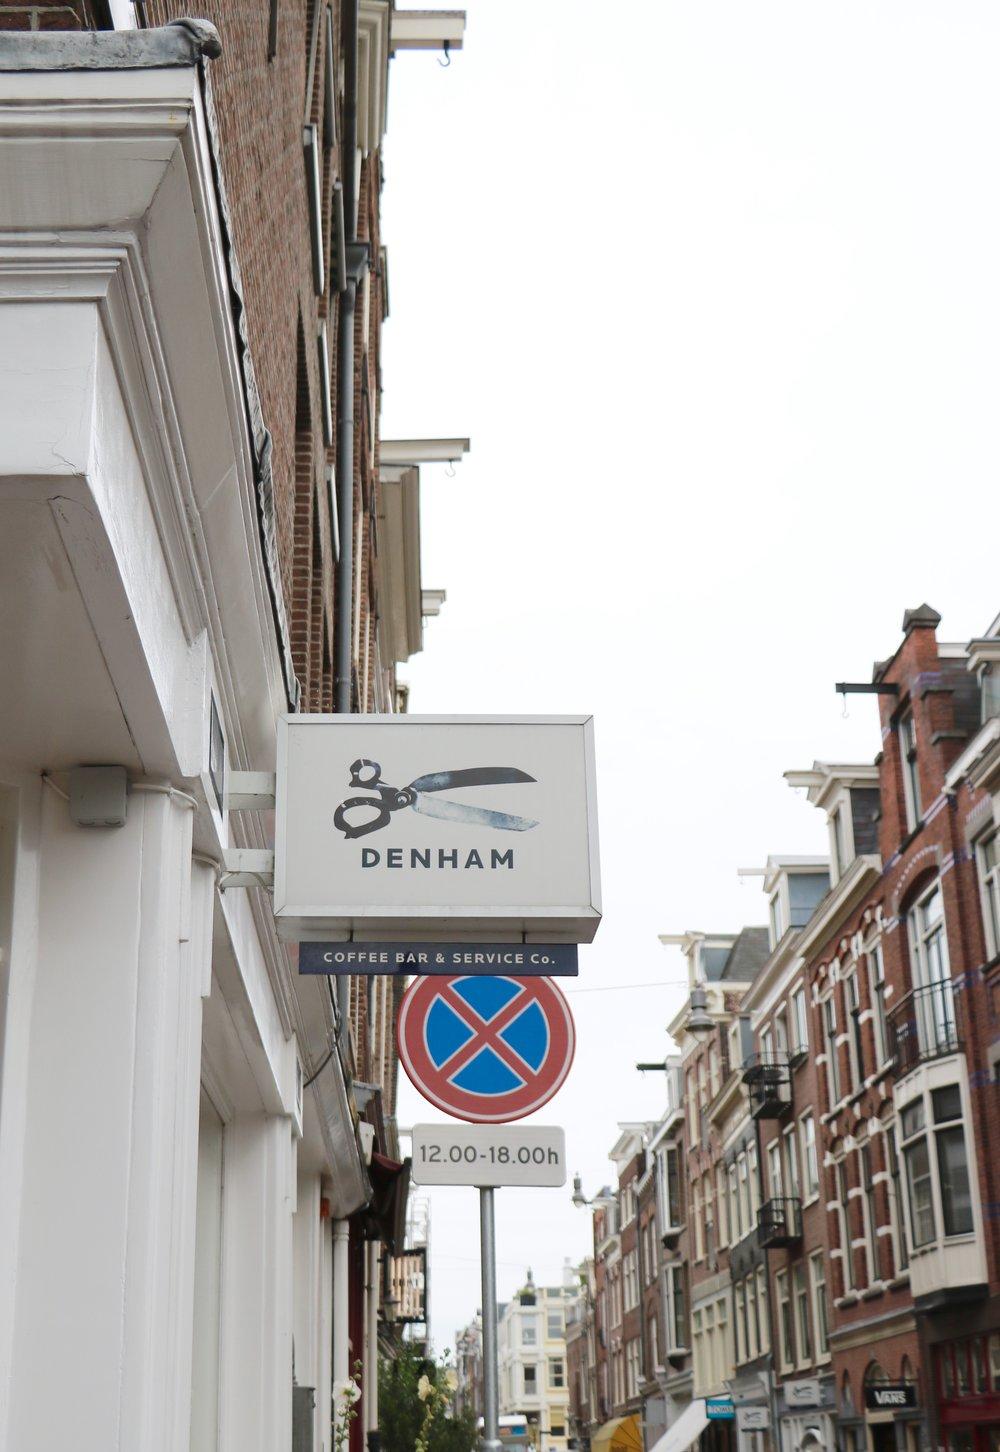 DENHAM_amsterdam.jpeg